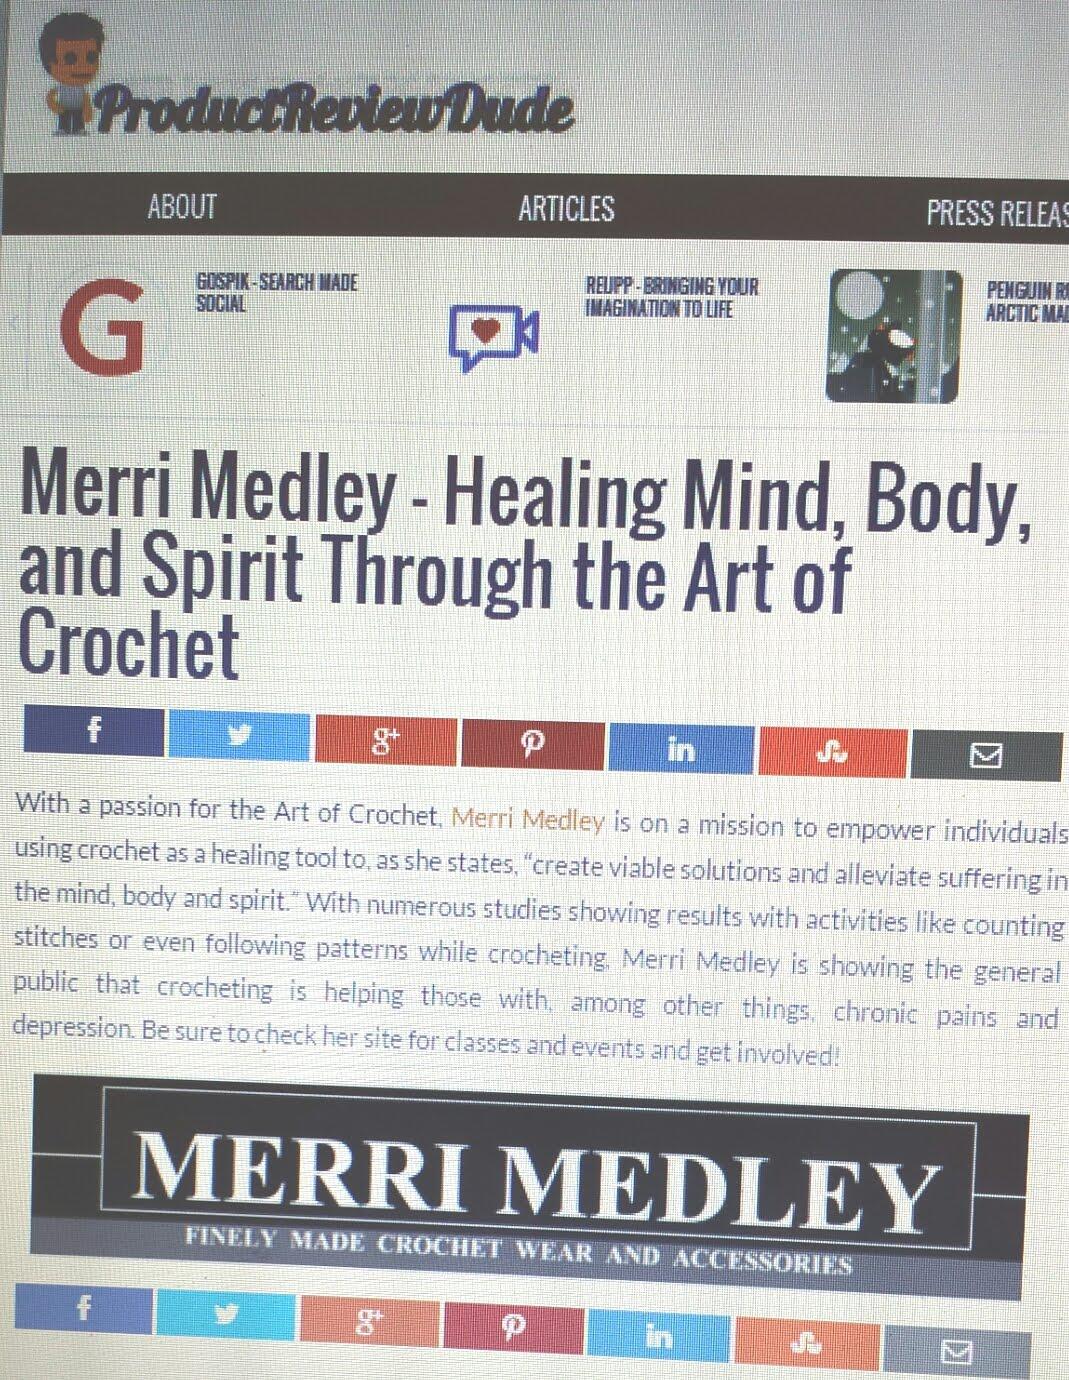 MERRI MEDLEY REVIEW